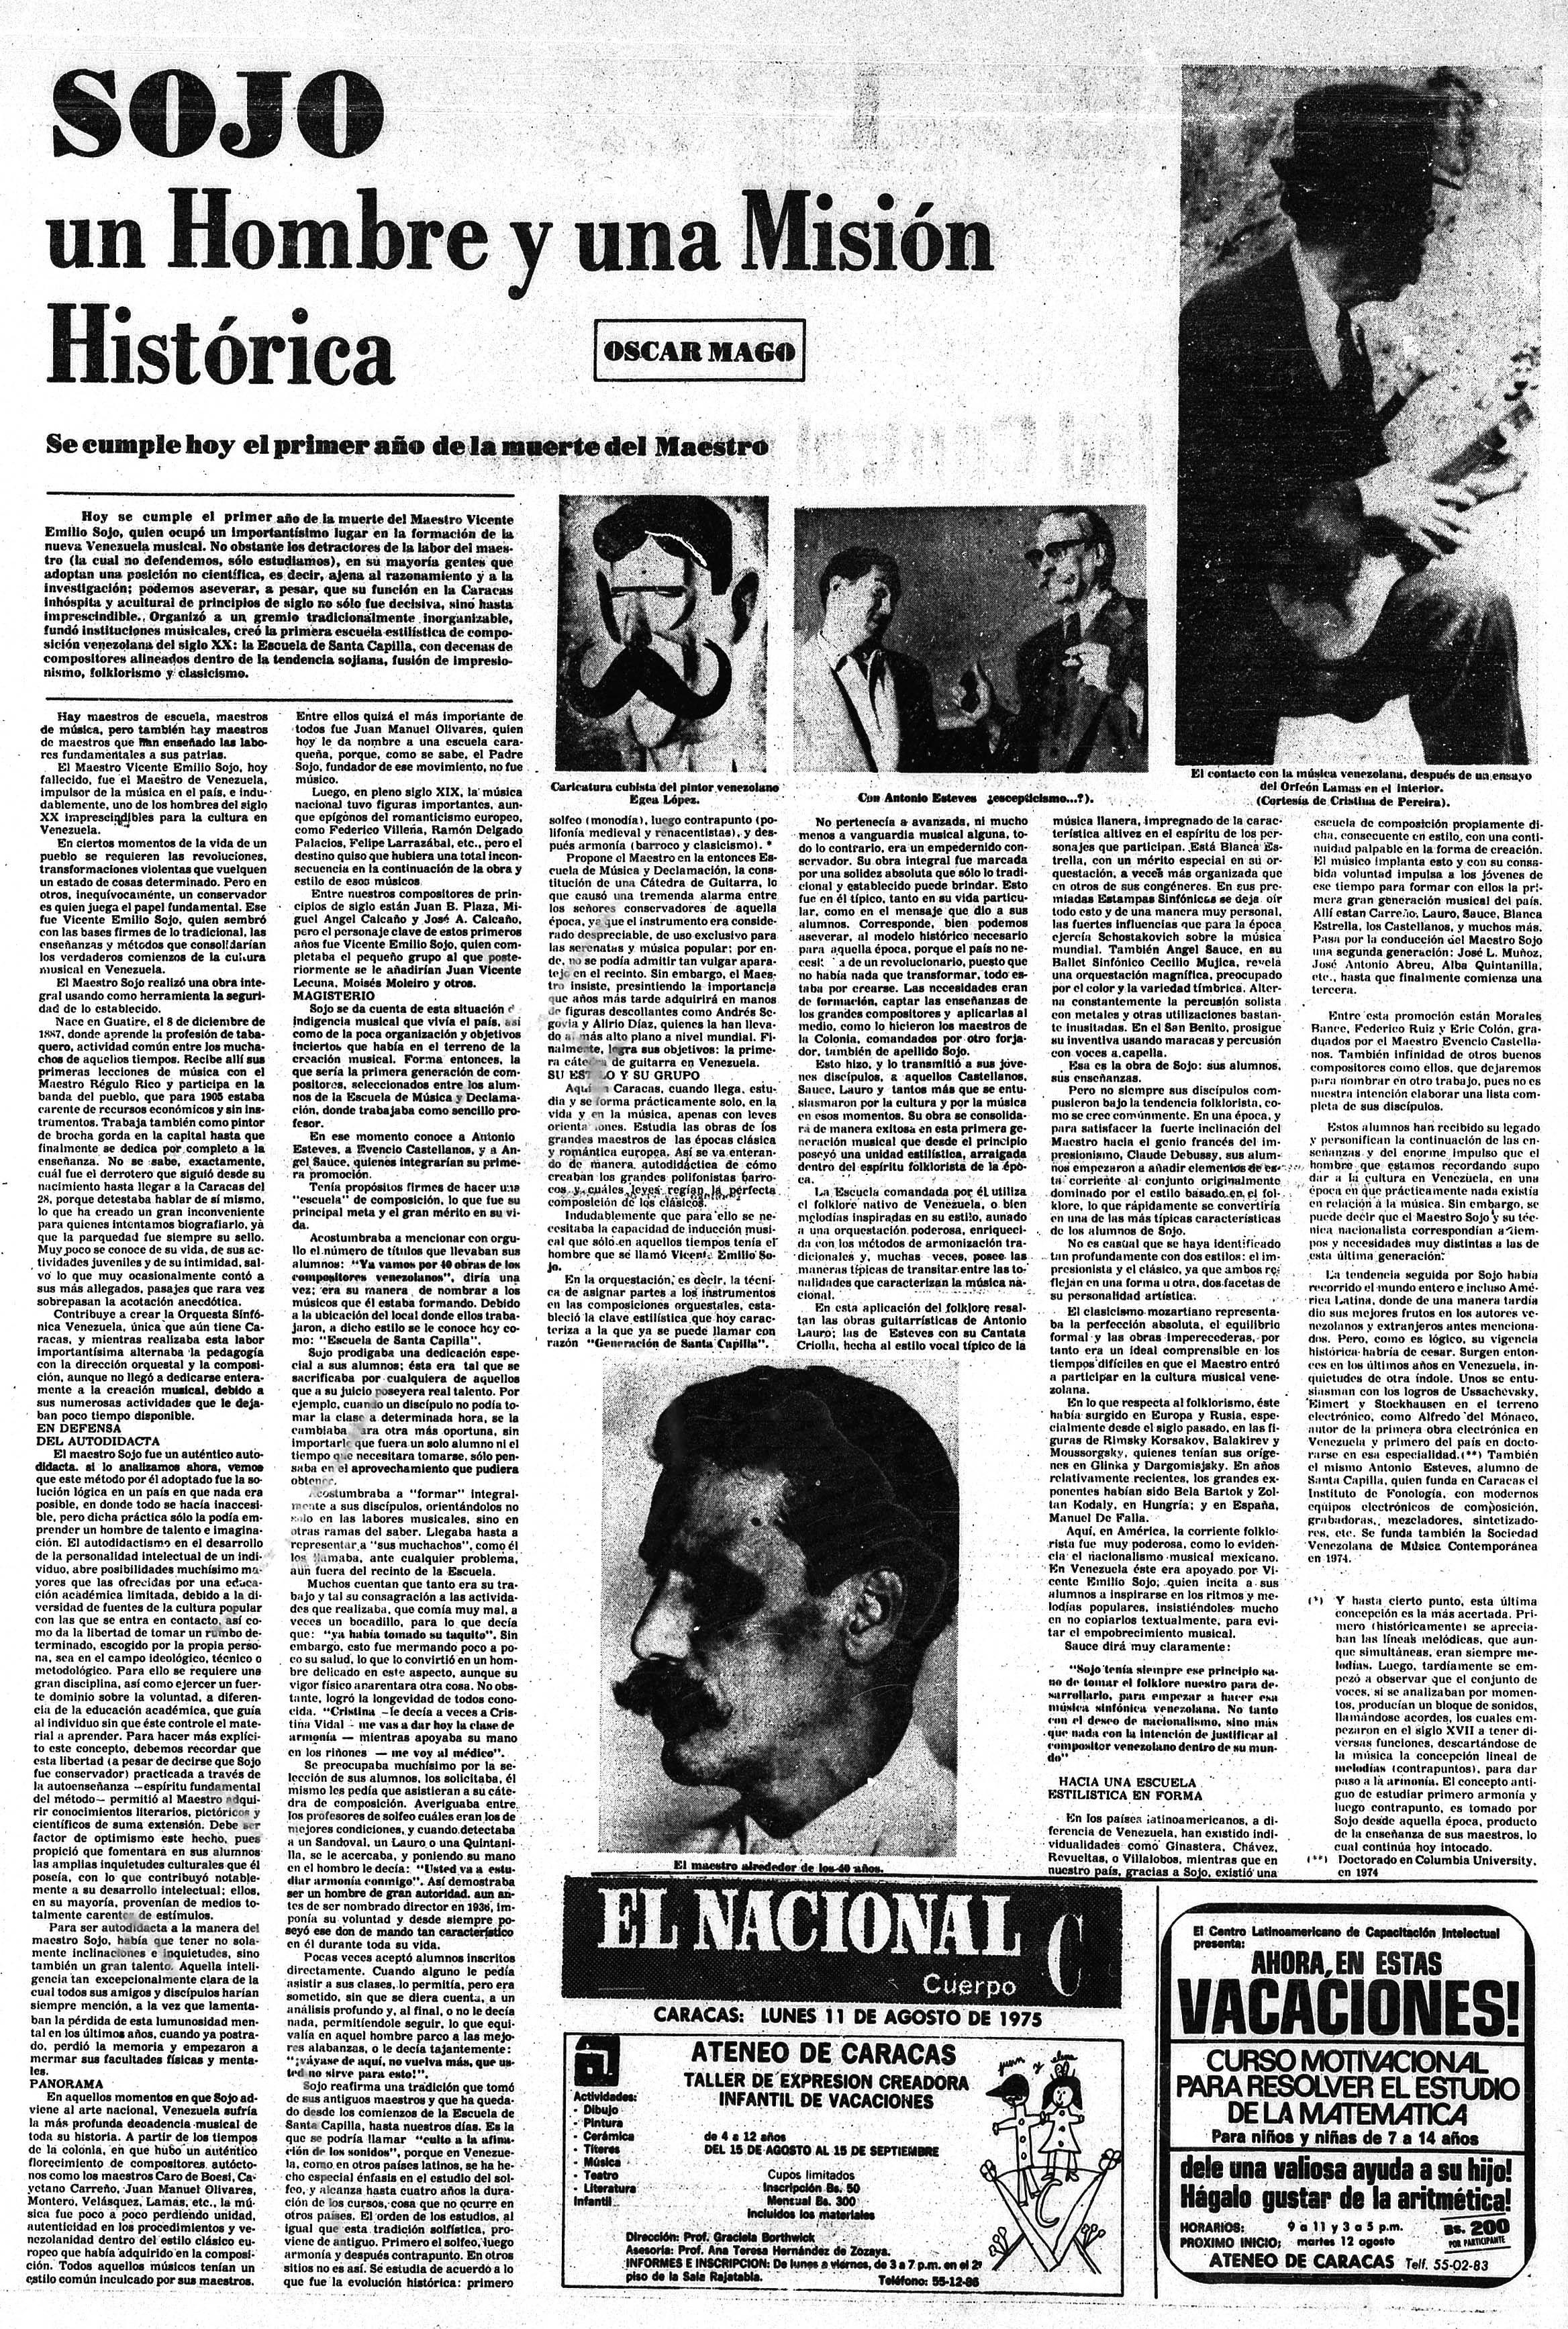 SOJO un Hombre y una Misión Histórica. Publicado el Lunes 11 de Agosto de 1975.